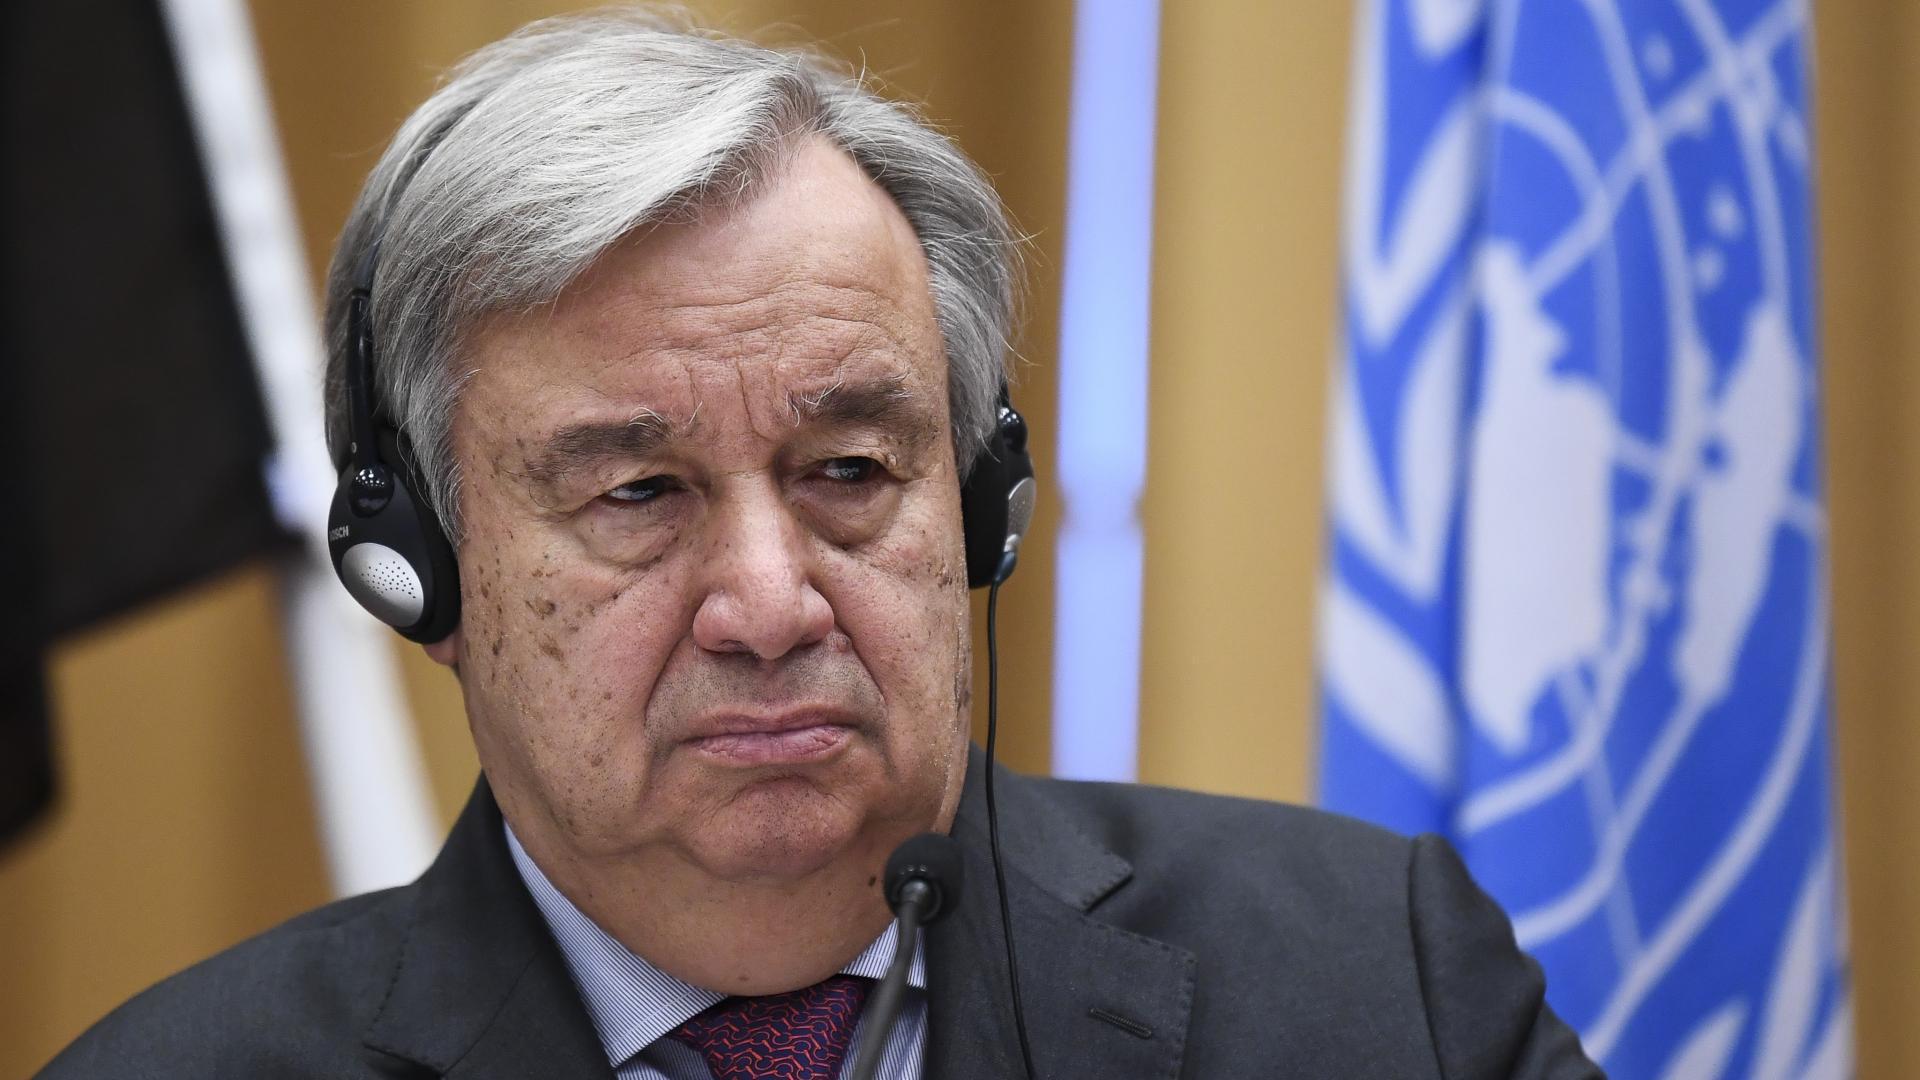 الأمين العام للأمم المتحدة: لا أستطيع فتح تحقيق في مقتل خاشقجي دون طلب